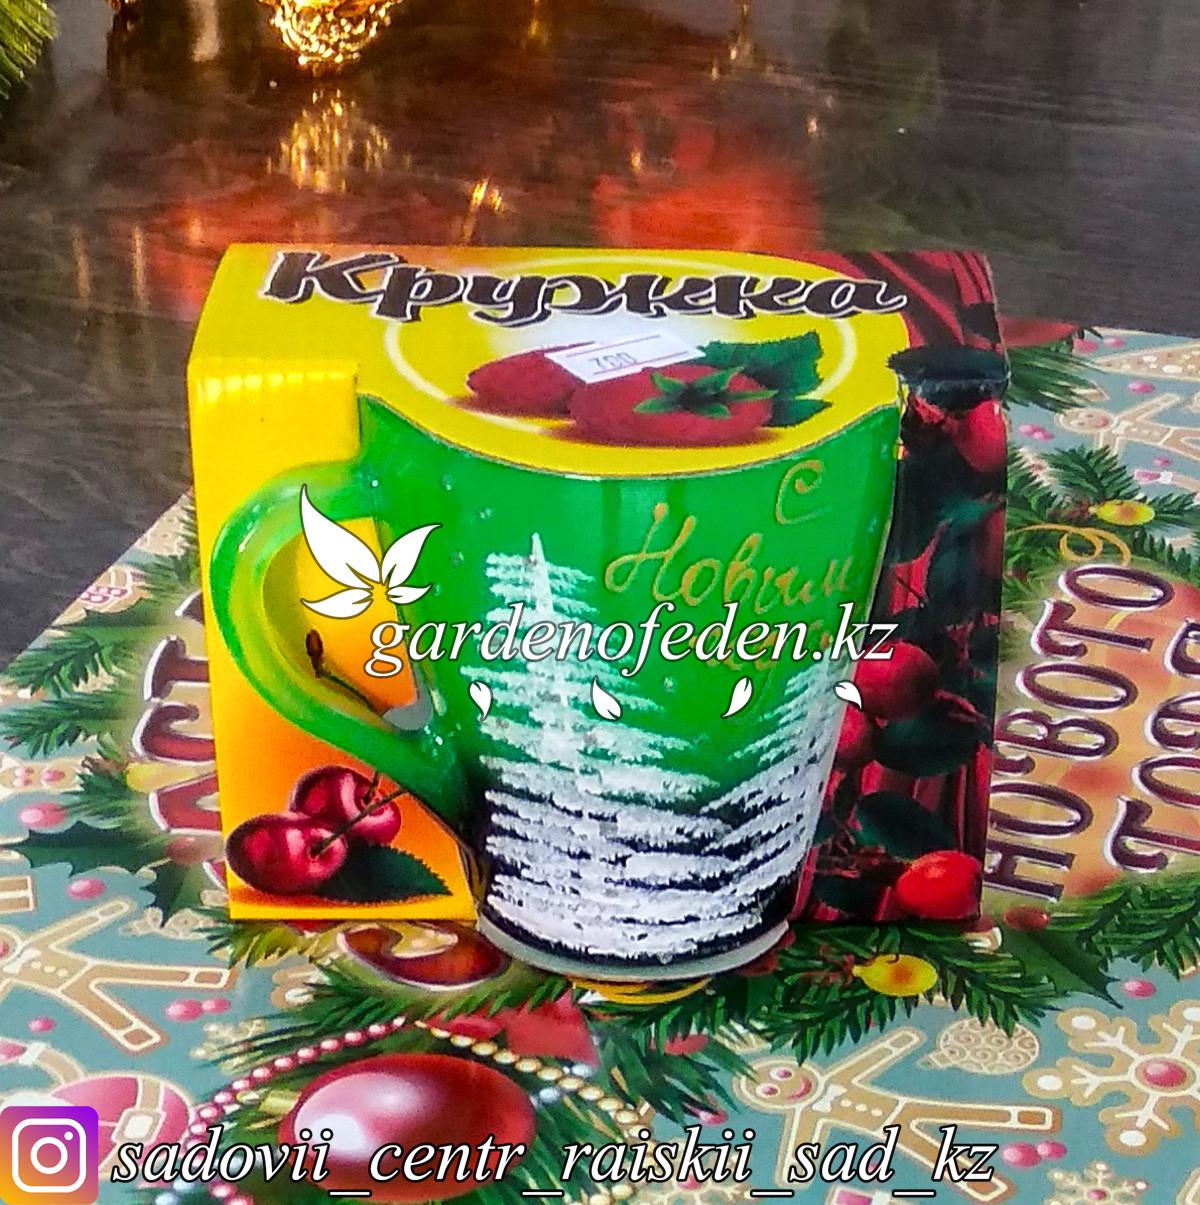 Кружка из цветного стекла с декором. Картонная упаковка. Цвет: Зеленый.